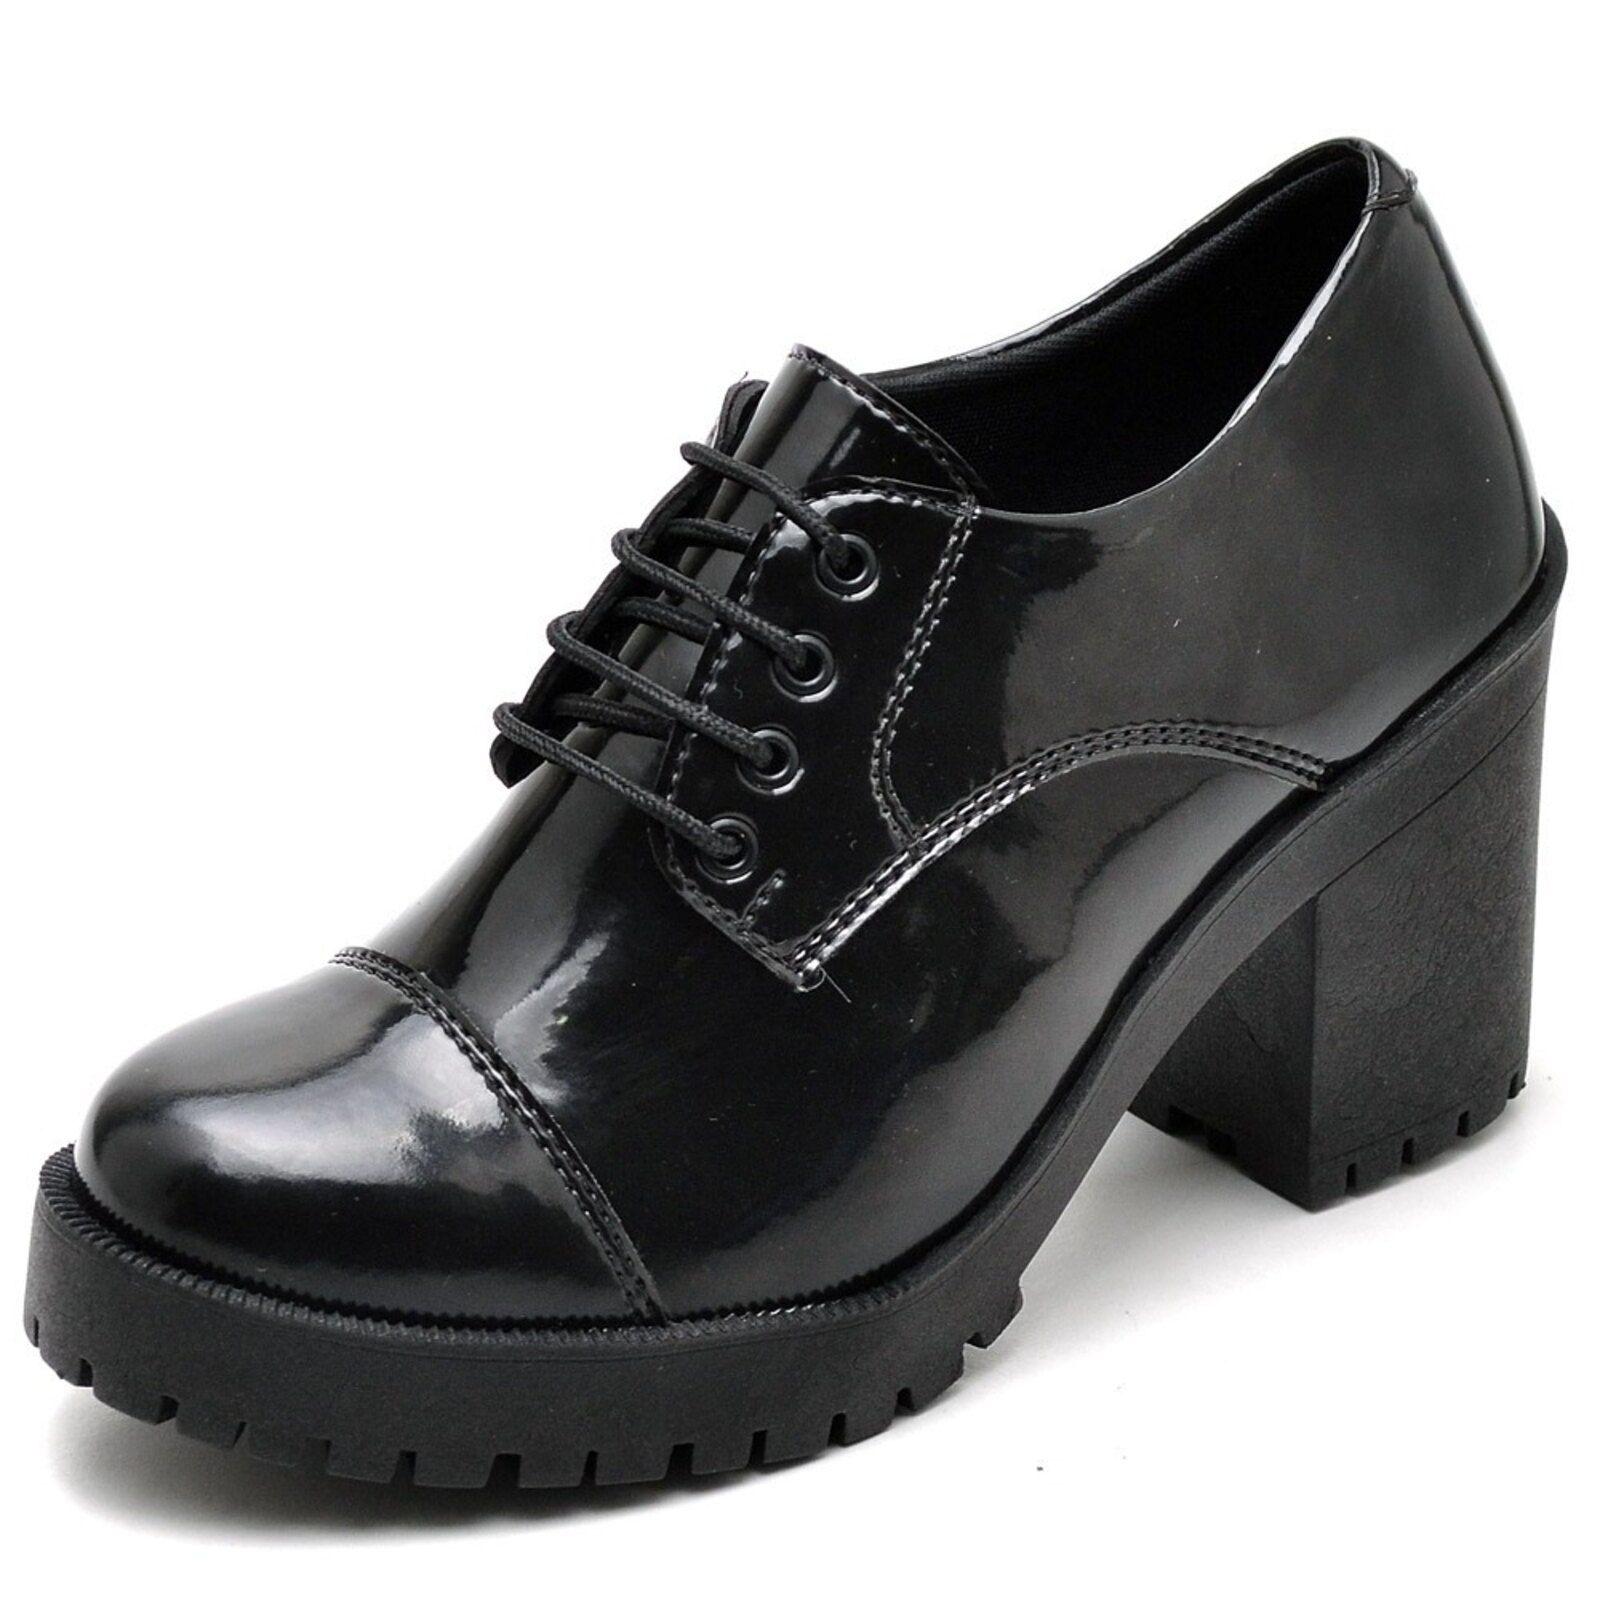 Sapato De Salto Infantil com Ofertas Incríveis no